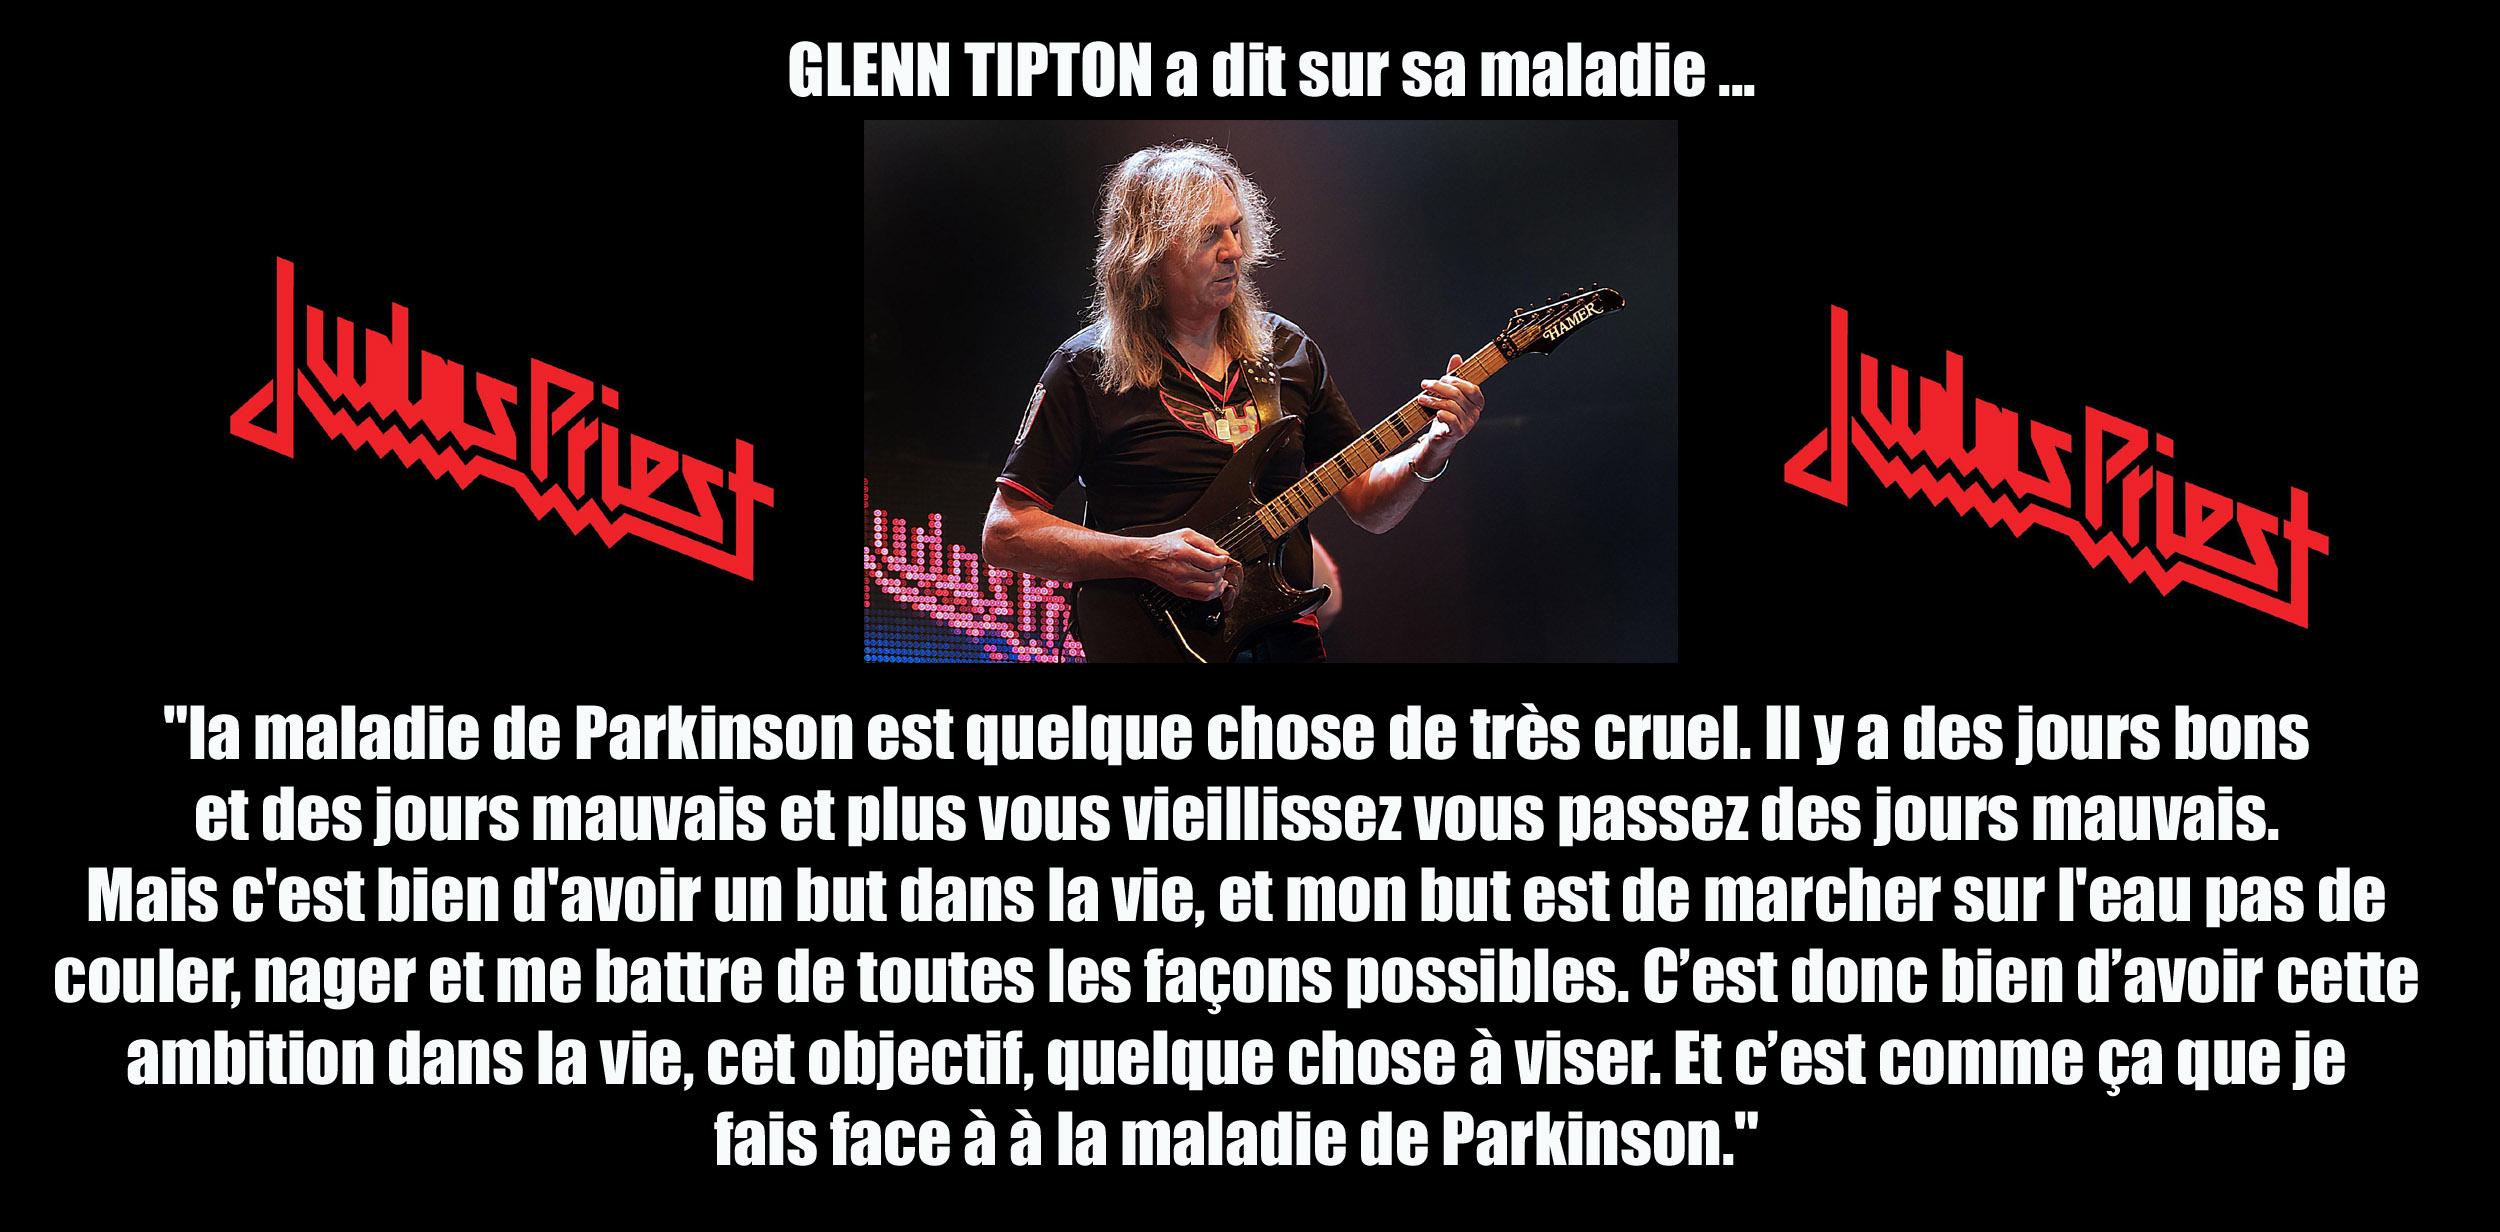 GLENN TIPTON a dit ... sur sa maladie de Parkinson  Korn13